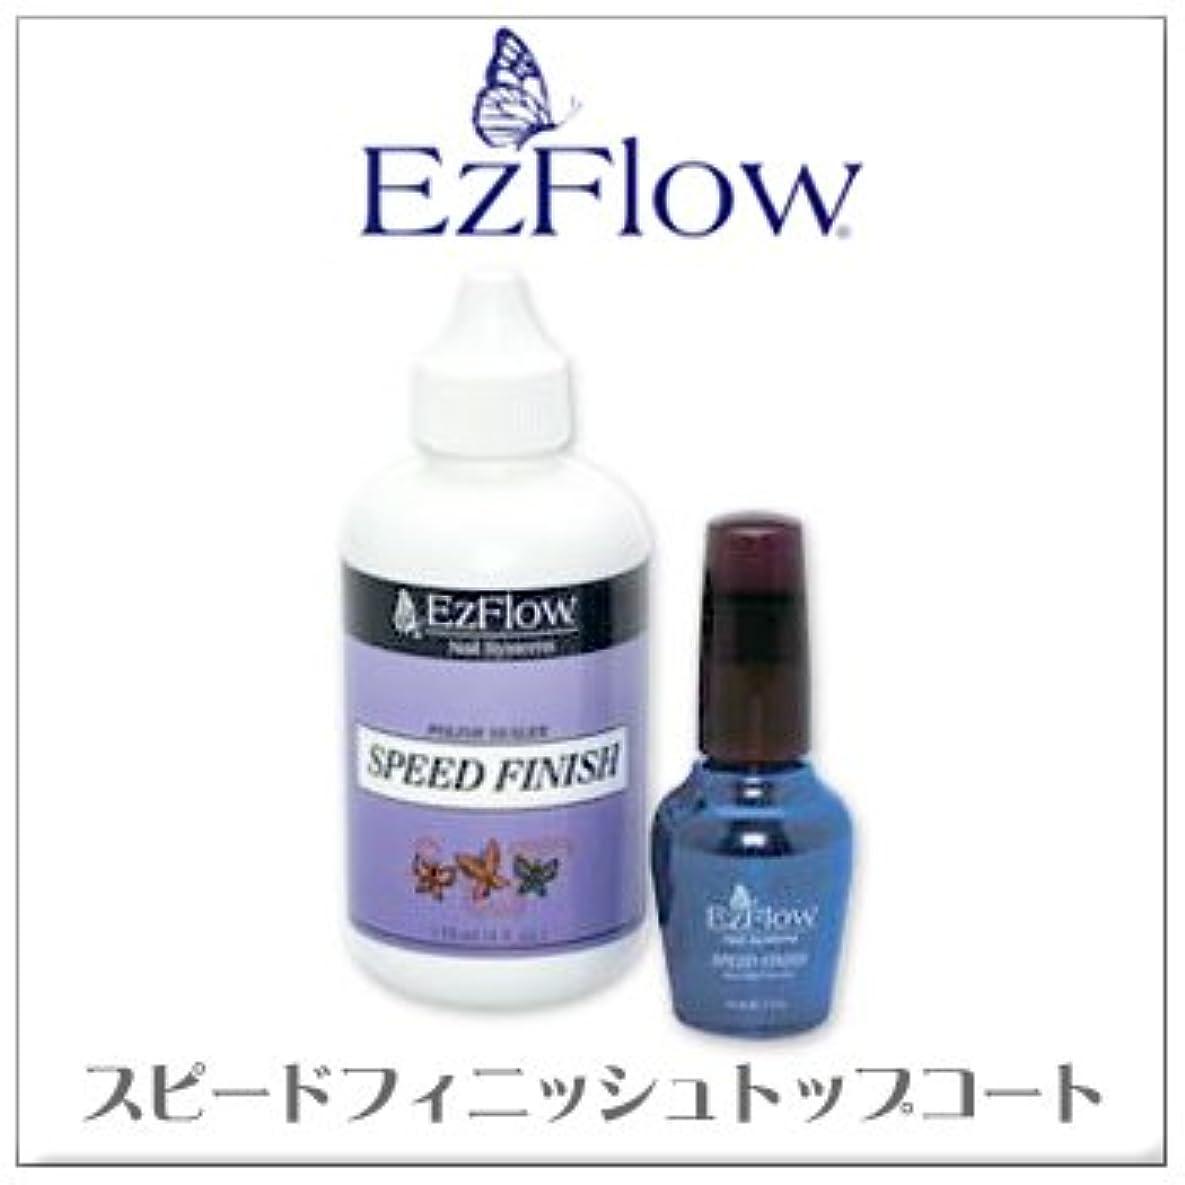 話すドーム滅びるEz-Flow (イージーフロー) スピードフィニッシュトップコート (1/2oz)